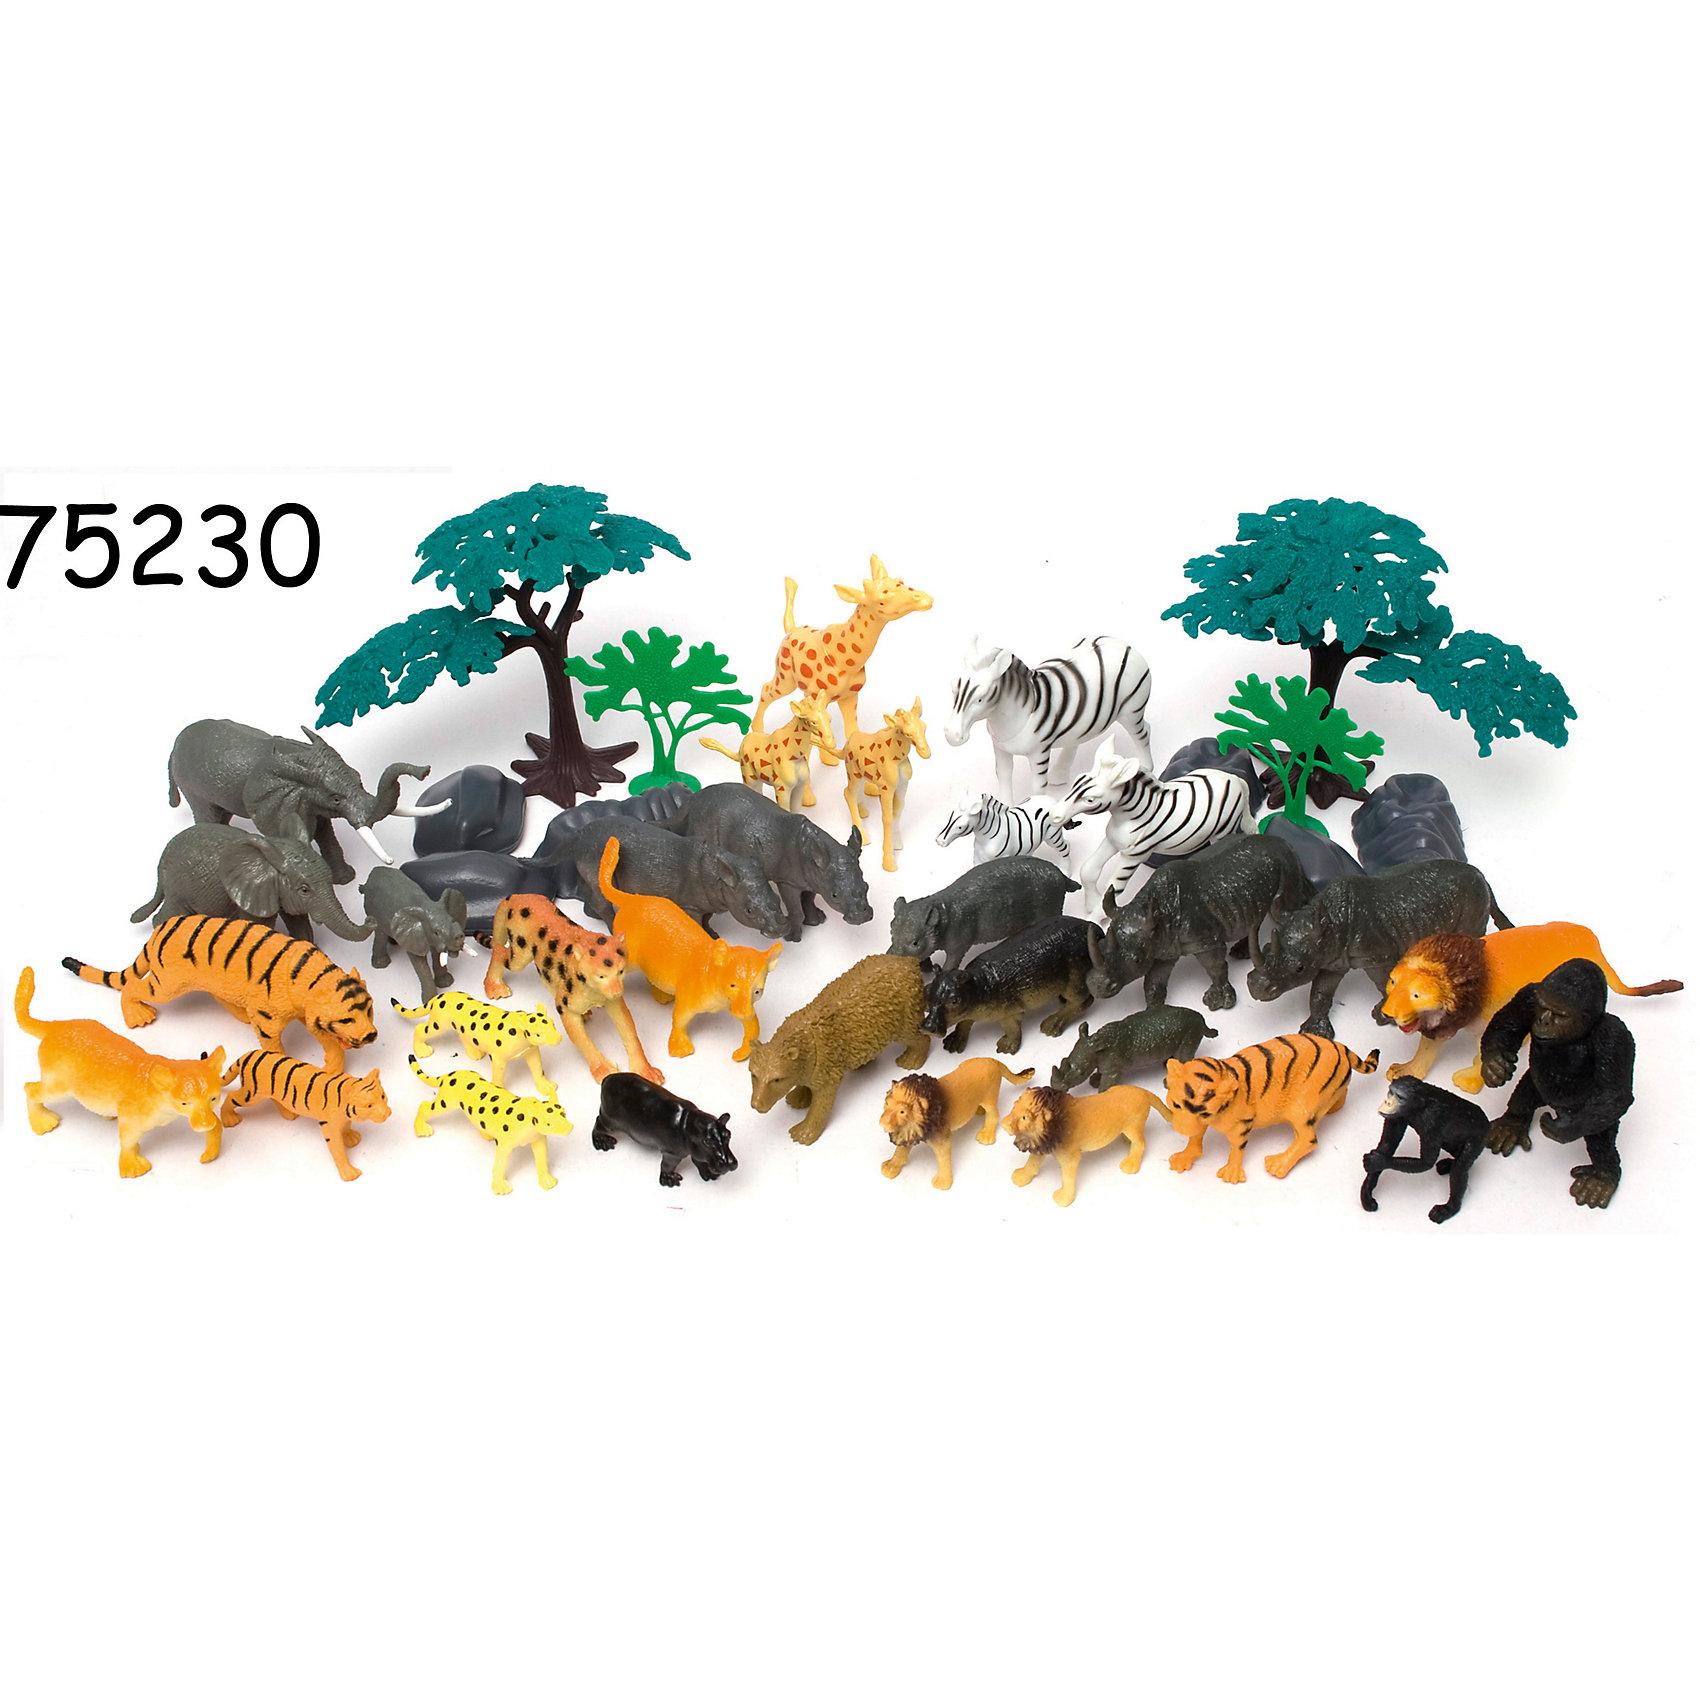 Игровой набор Сафари, 40 предметов, BoleyМир животных<br>Характеристики товара:<br><br>• размер: 15х15х21 см<br>• комплектация: 40 фигурок<br>• материал: пластик<br>• вес: 700 г<br>• страна бренда: США<br>• страна производства: Китай<br><br>Игровой набор из двадцати фигурок разных животных - отличный подарок для ребенка! Дети, как правило, очень любят животных. Чтобы ребенок мог безопасно и весело играть - вручите ему такие фигурки. Они отлично детализированы и помогут малышам начать изучать животный мир.<br>Такая игра помогает ребенку нарабатывать новые знания, навыки и способности - развивает мелкую моторику, а также активизирует процессы мышления. Изделие производится из качественных сертифицированных материалов, безопасных даже для самых маленьких.<br><br>Игровой набор Сафари, 40 предметов, от бренда Boley можно купить в нашем интернет-магазине.<br><br>Ширина мм: 150<br>Глубина мм: 210<br>Высота мм: 150<br>Вес г: 698<br>Возраст от месяцев: 36<br>Возраст до месяцев: 2147483647<br>Пол: Унисекс<br>Возраст: Детский<br>SKU: 5224453